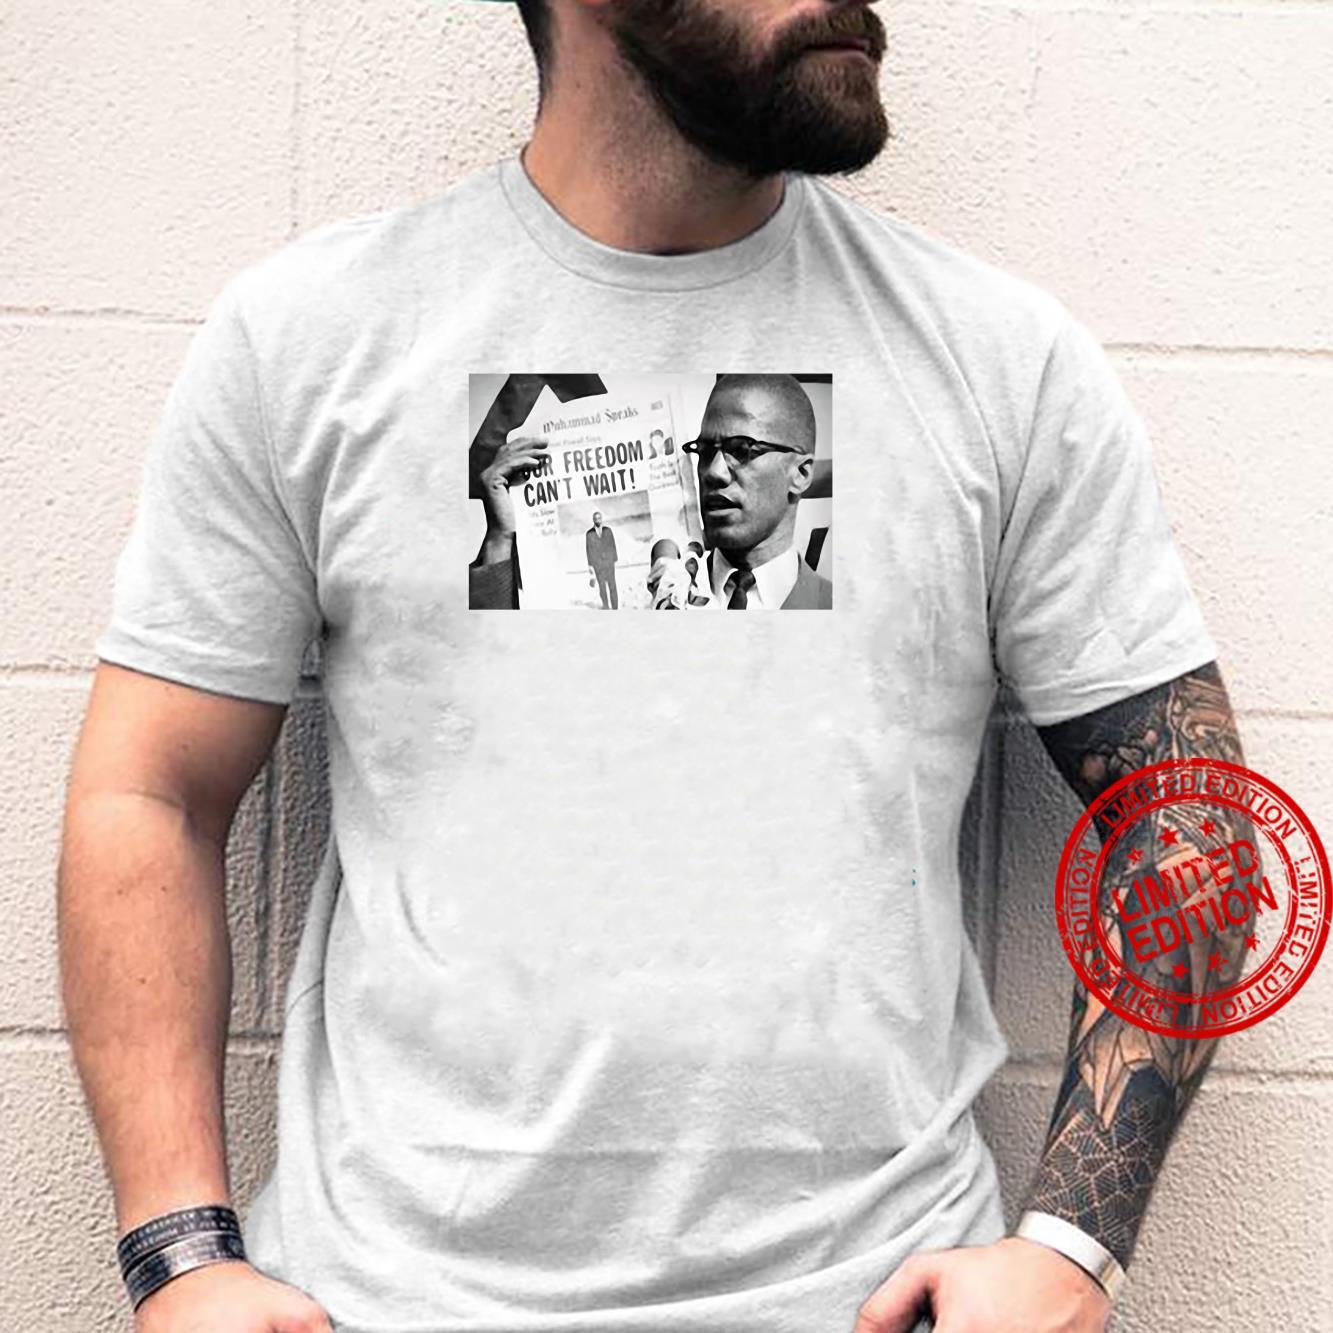 Malcolm X Freedom Cakt wait shirt